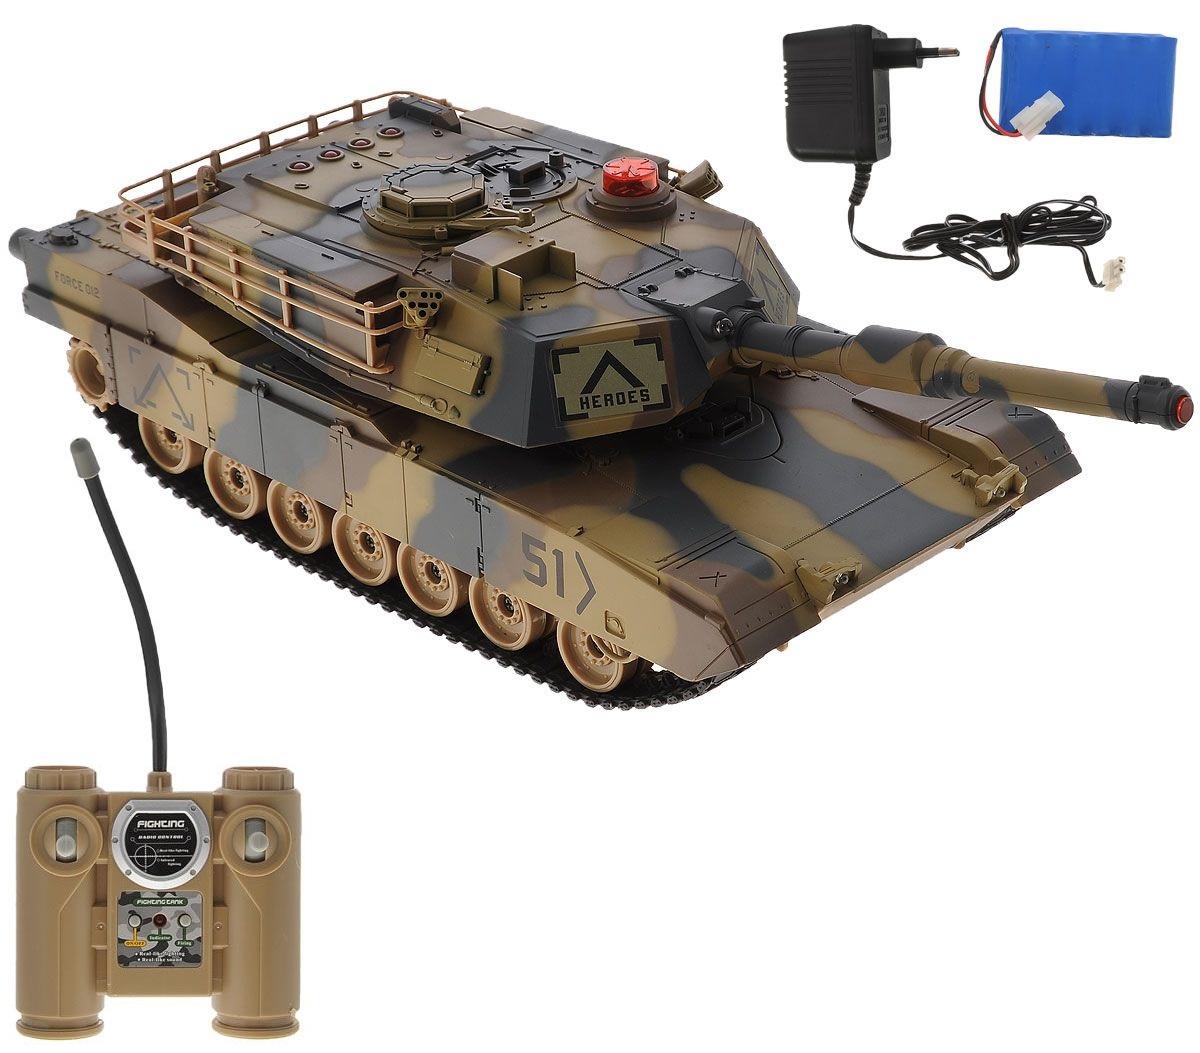 Боевой радиоуправляемый танк с эффектом звука и светаРадиоуправляемые танки<br>Боевой радиоуправляемый танк с эффектом звука и света<br>